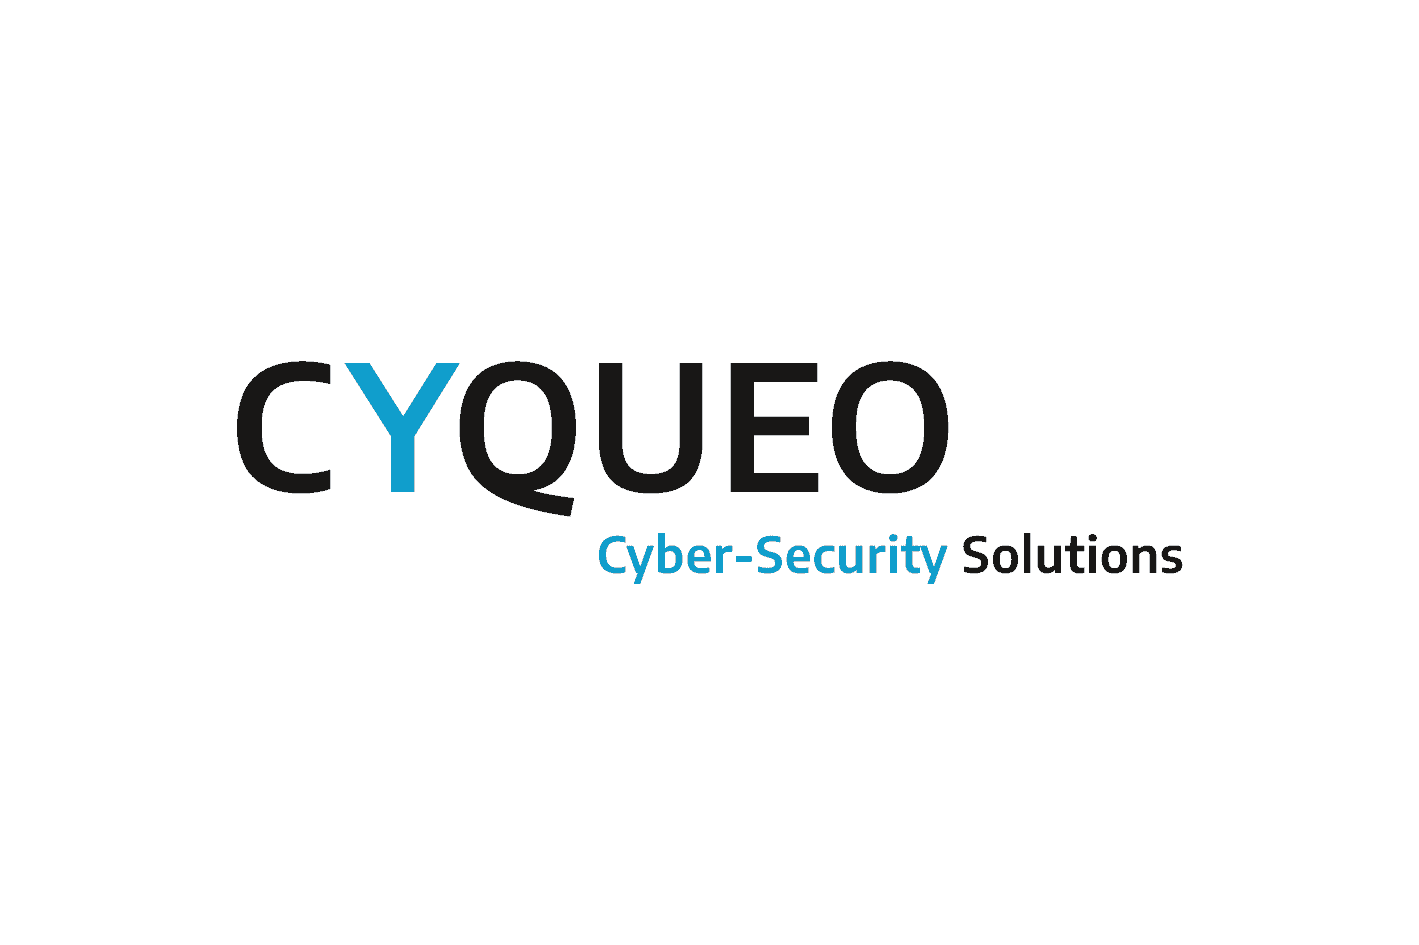 Cyqueo Logo